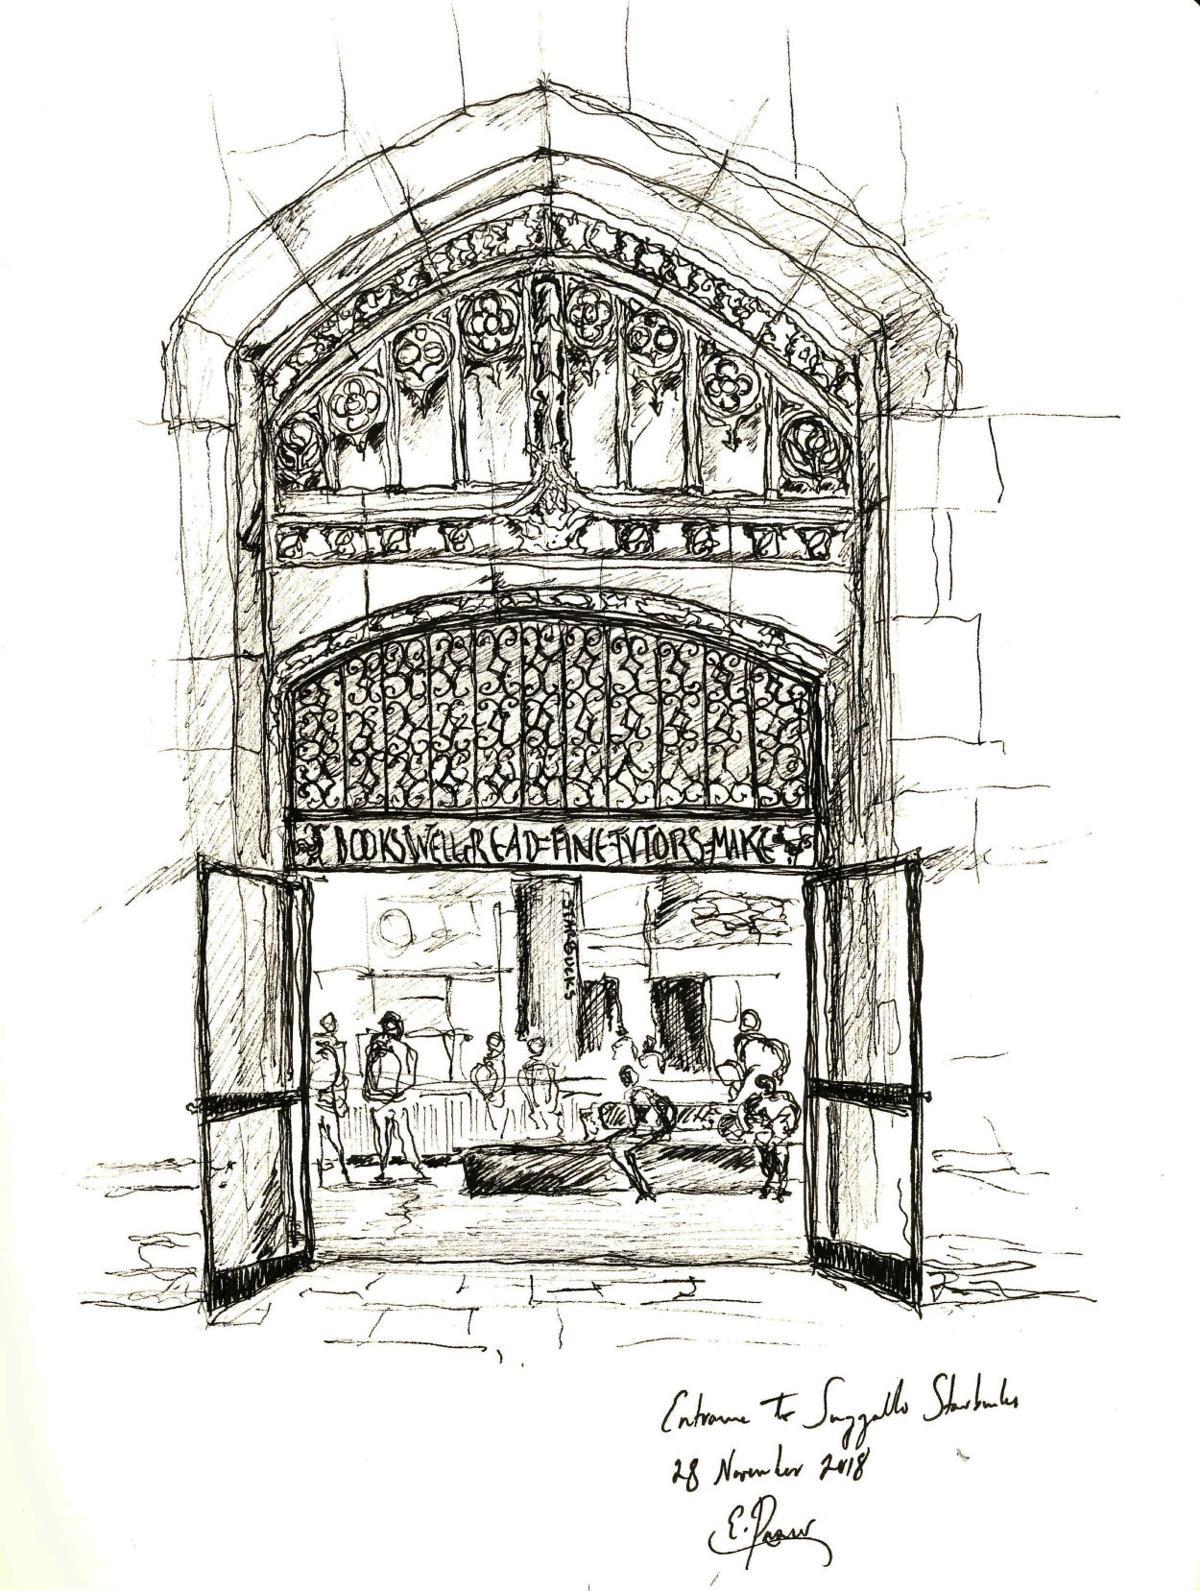 Suzzallo Starbucks Entrance